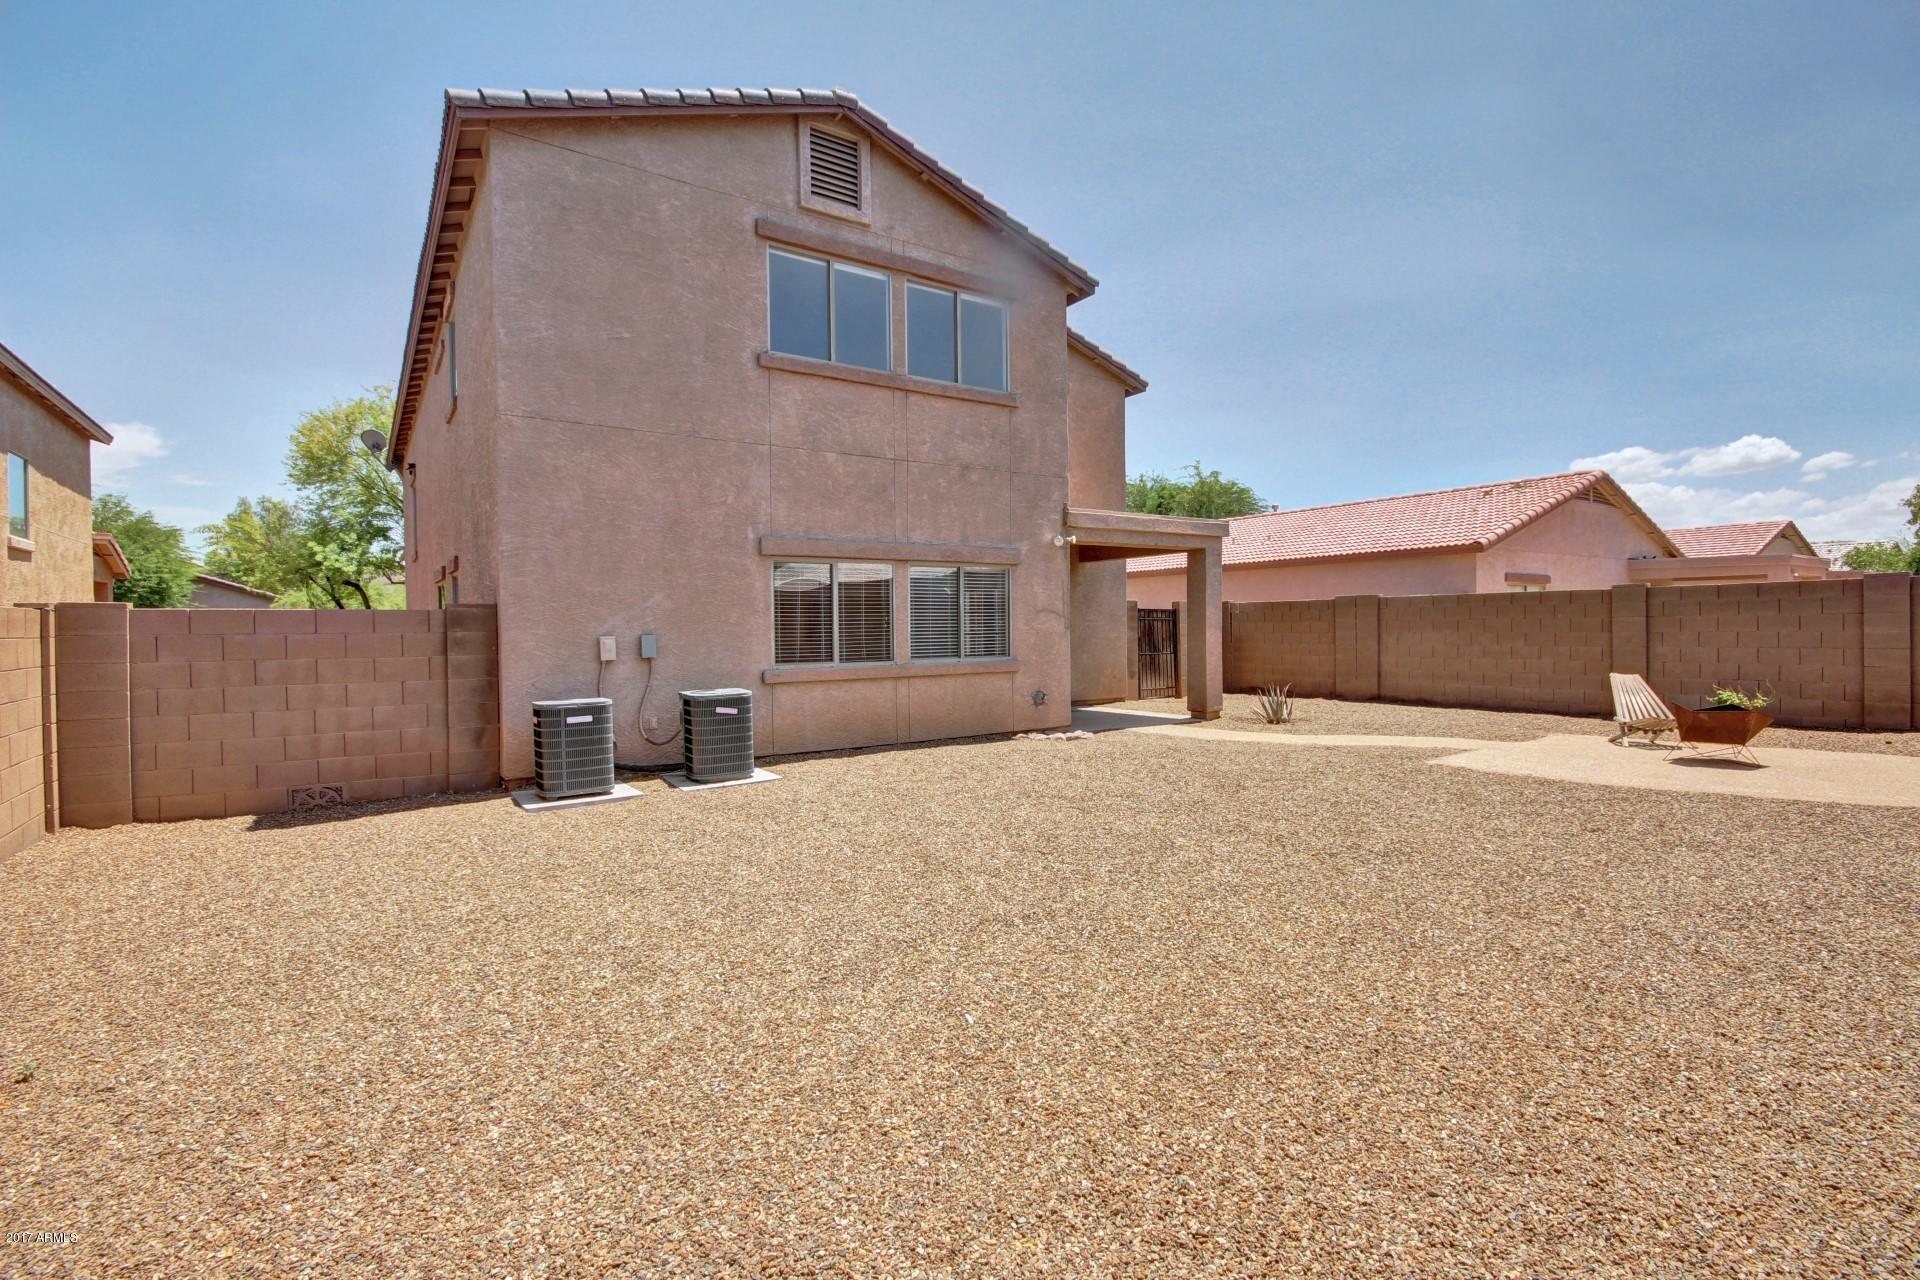 MLS 5629152 2314 N 92ND Drive, Phoenix, AZ 85037 Phoenix AZ Maryvale